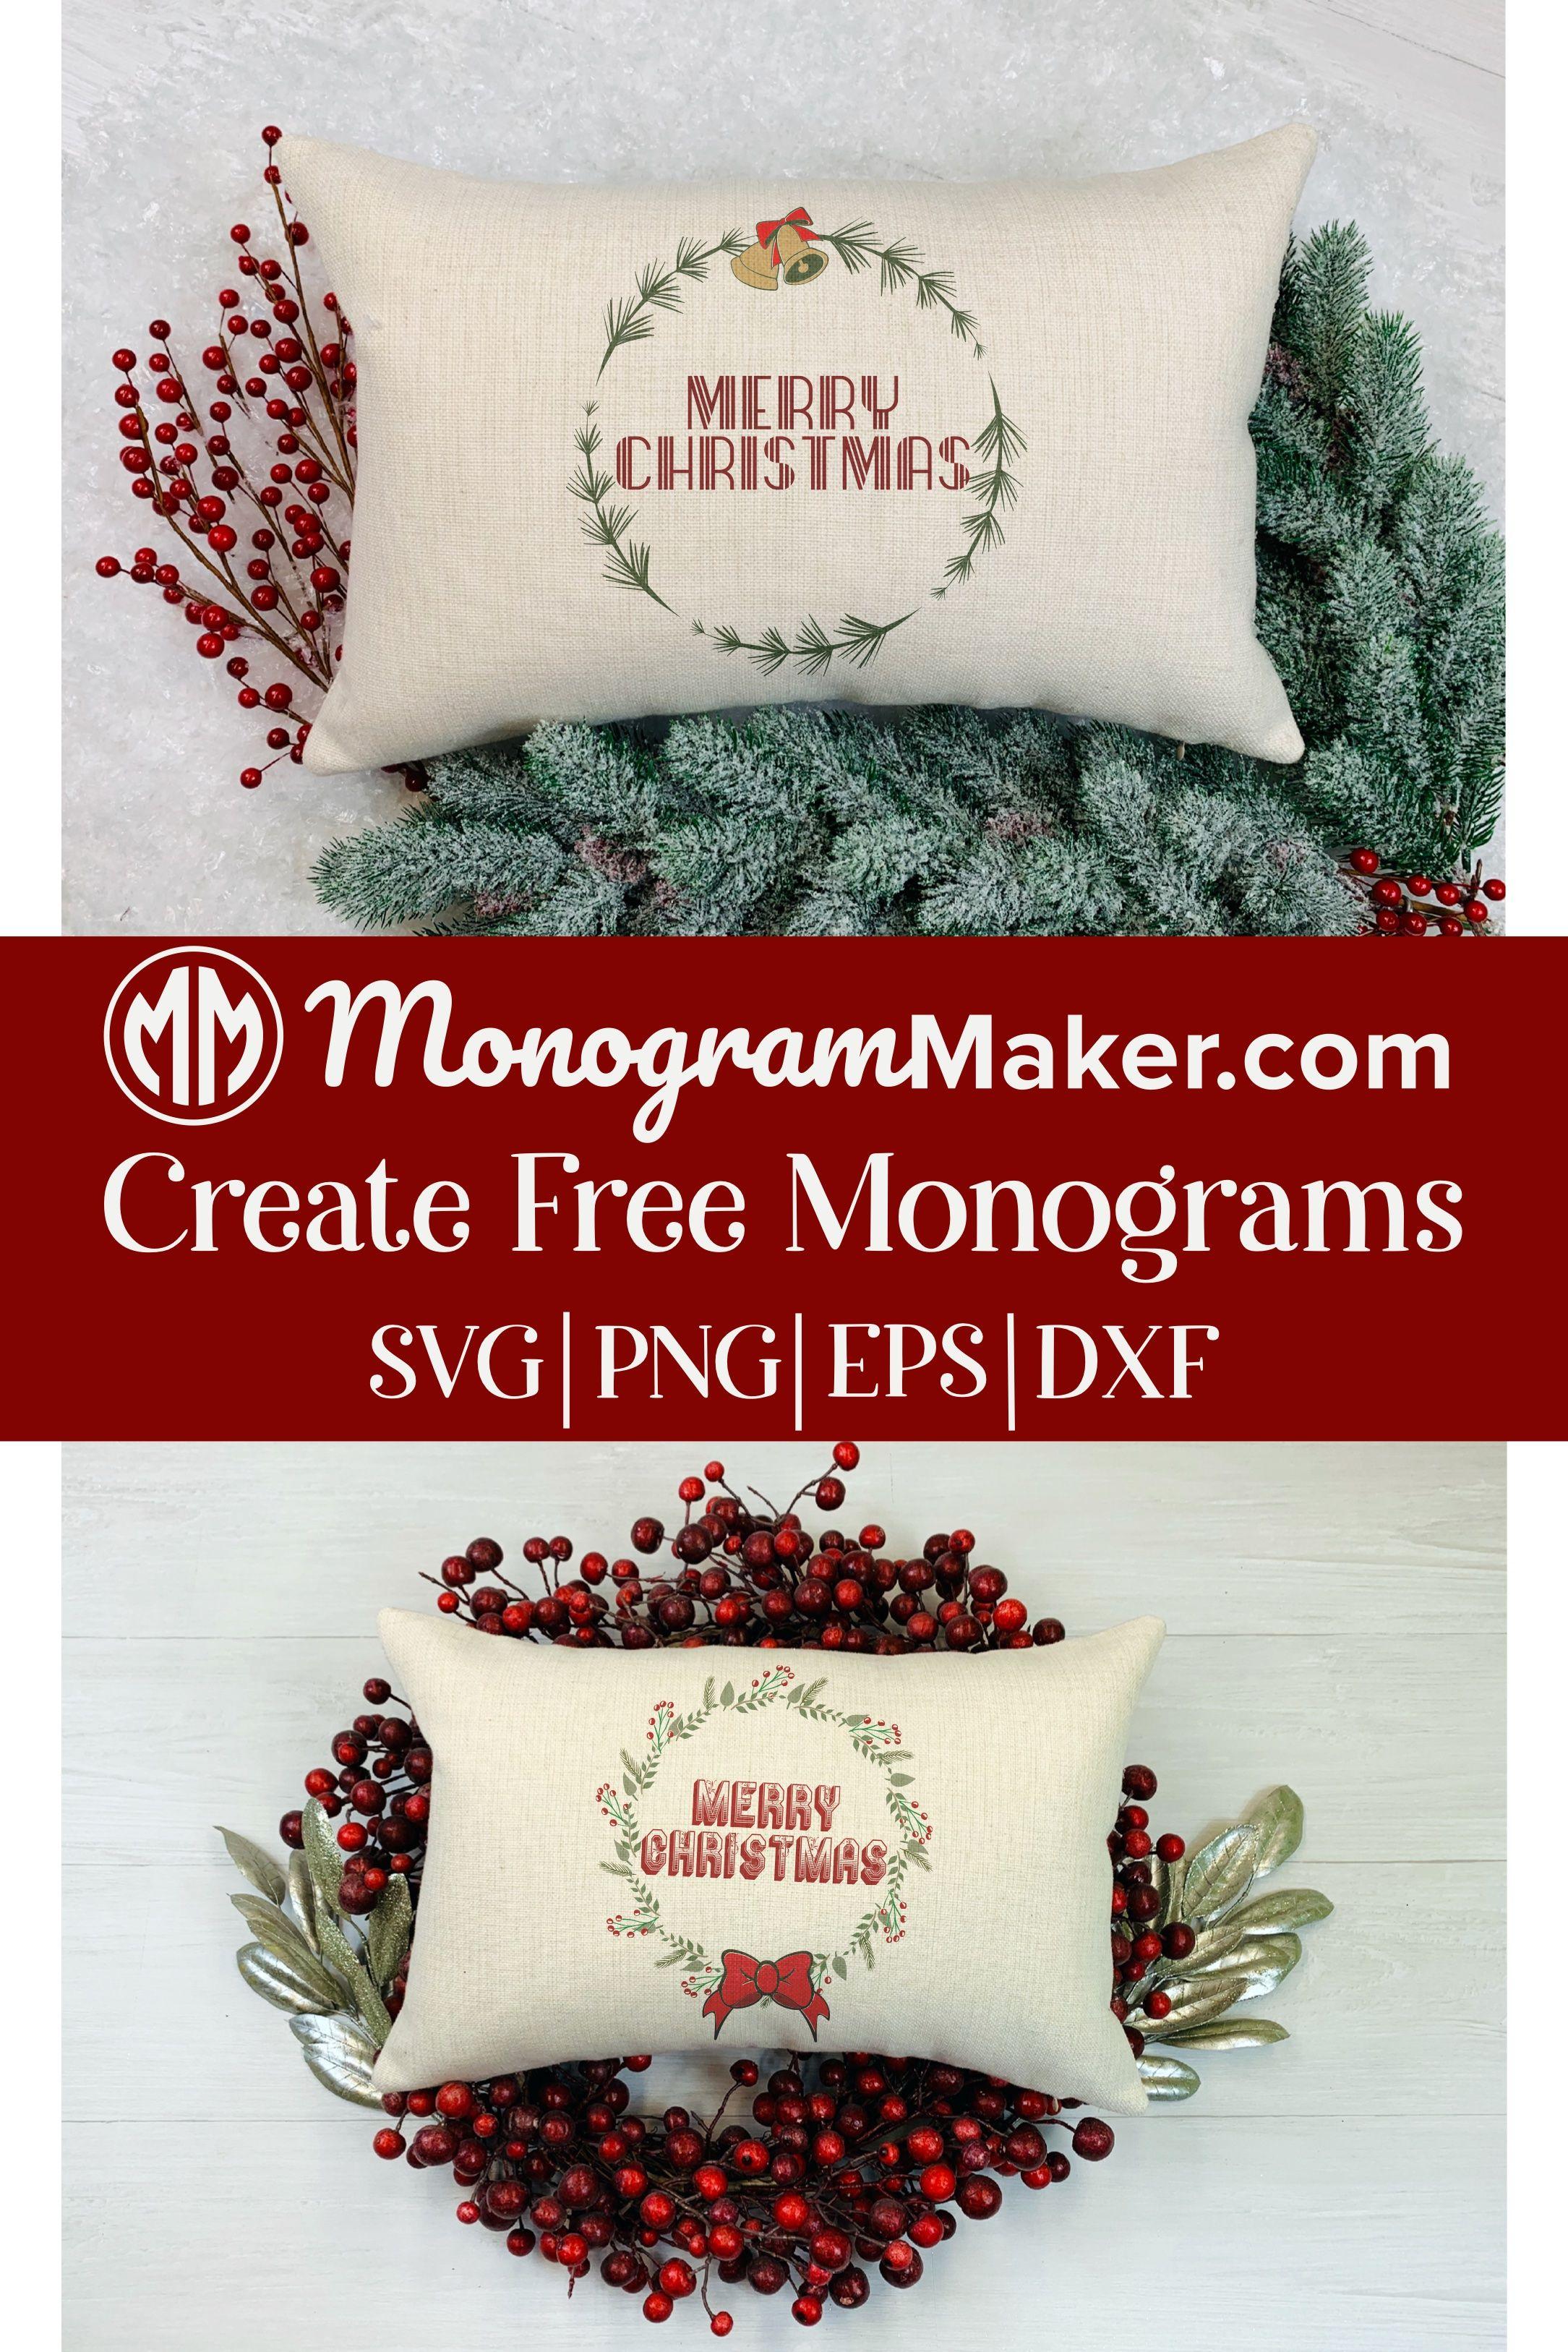 Christmas SVG Designs Free Christmas Monograms SVG